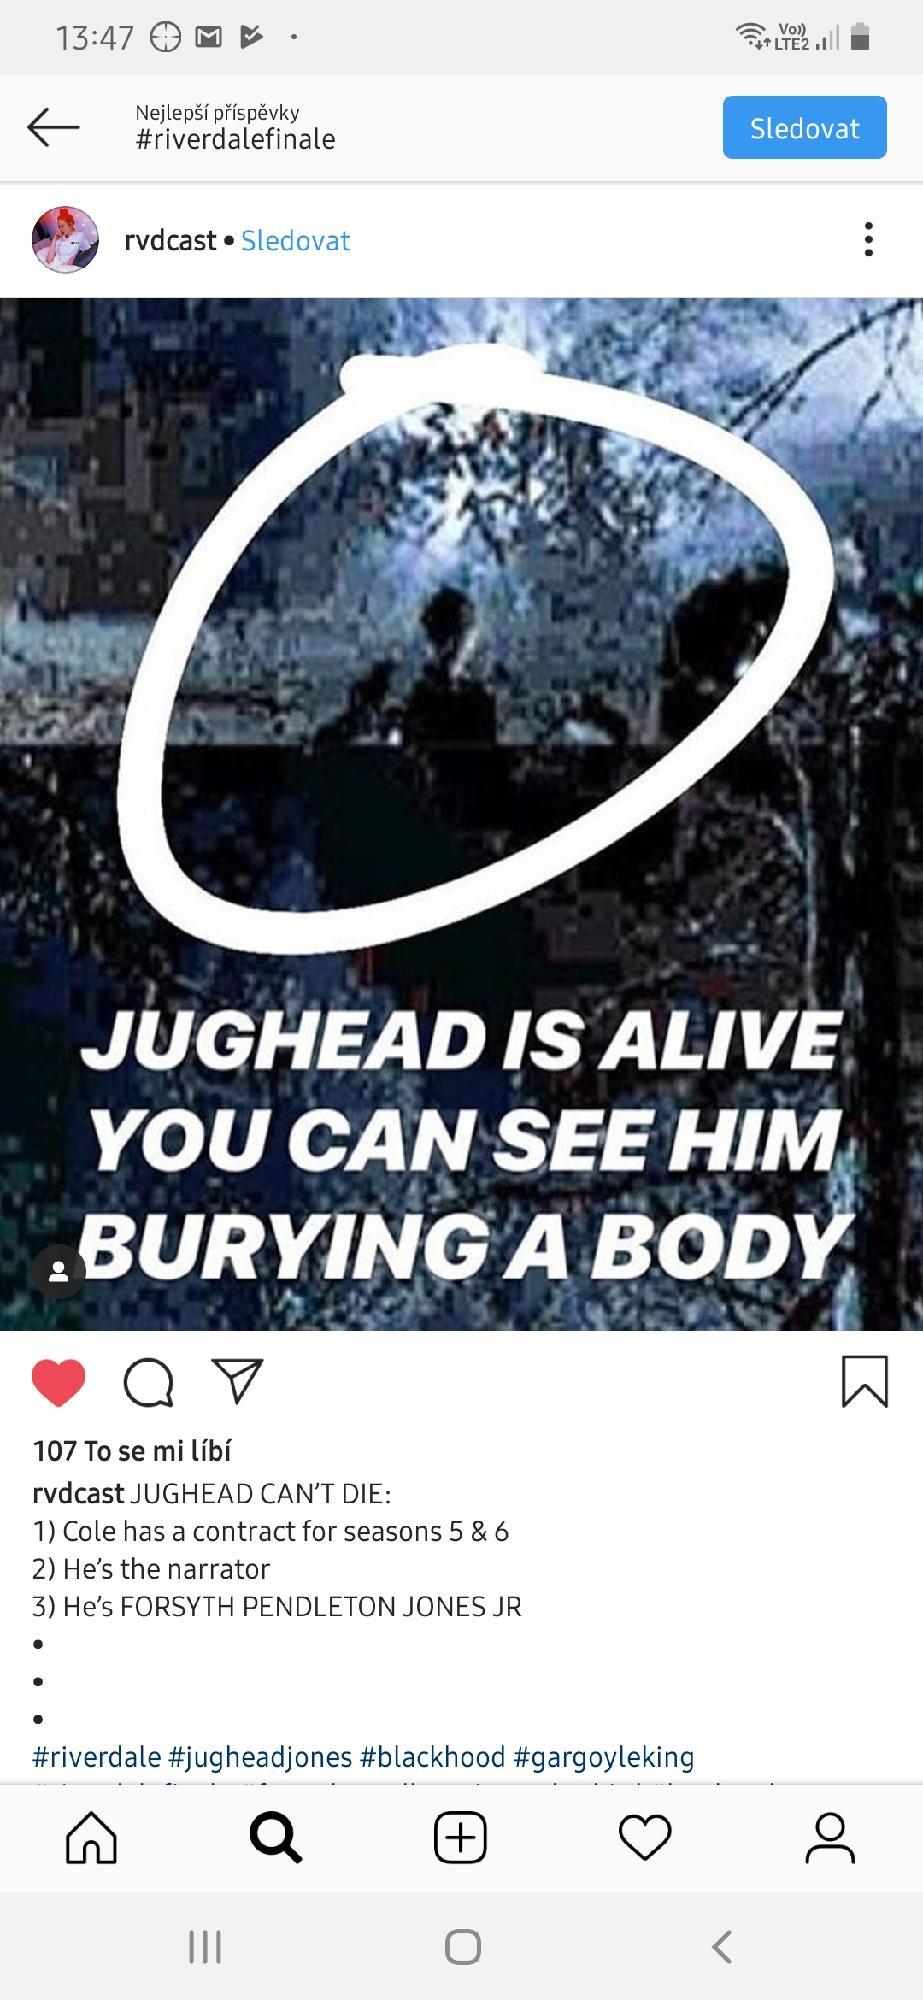 Is Jughead going to die?